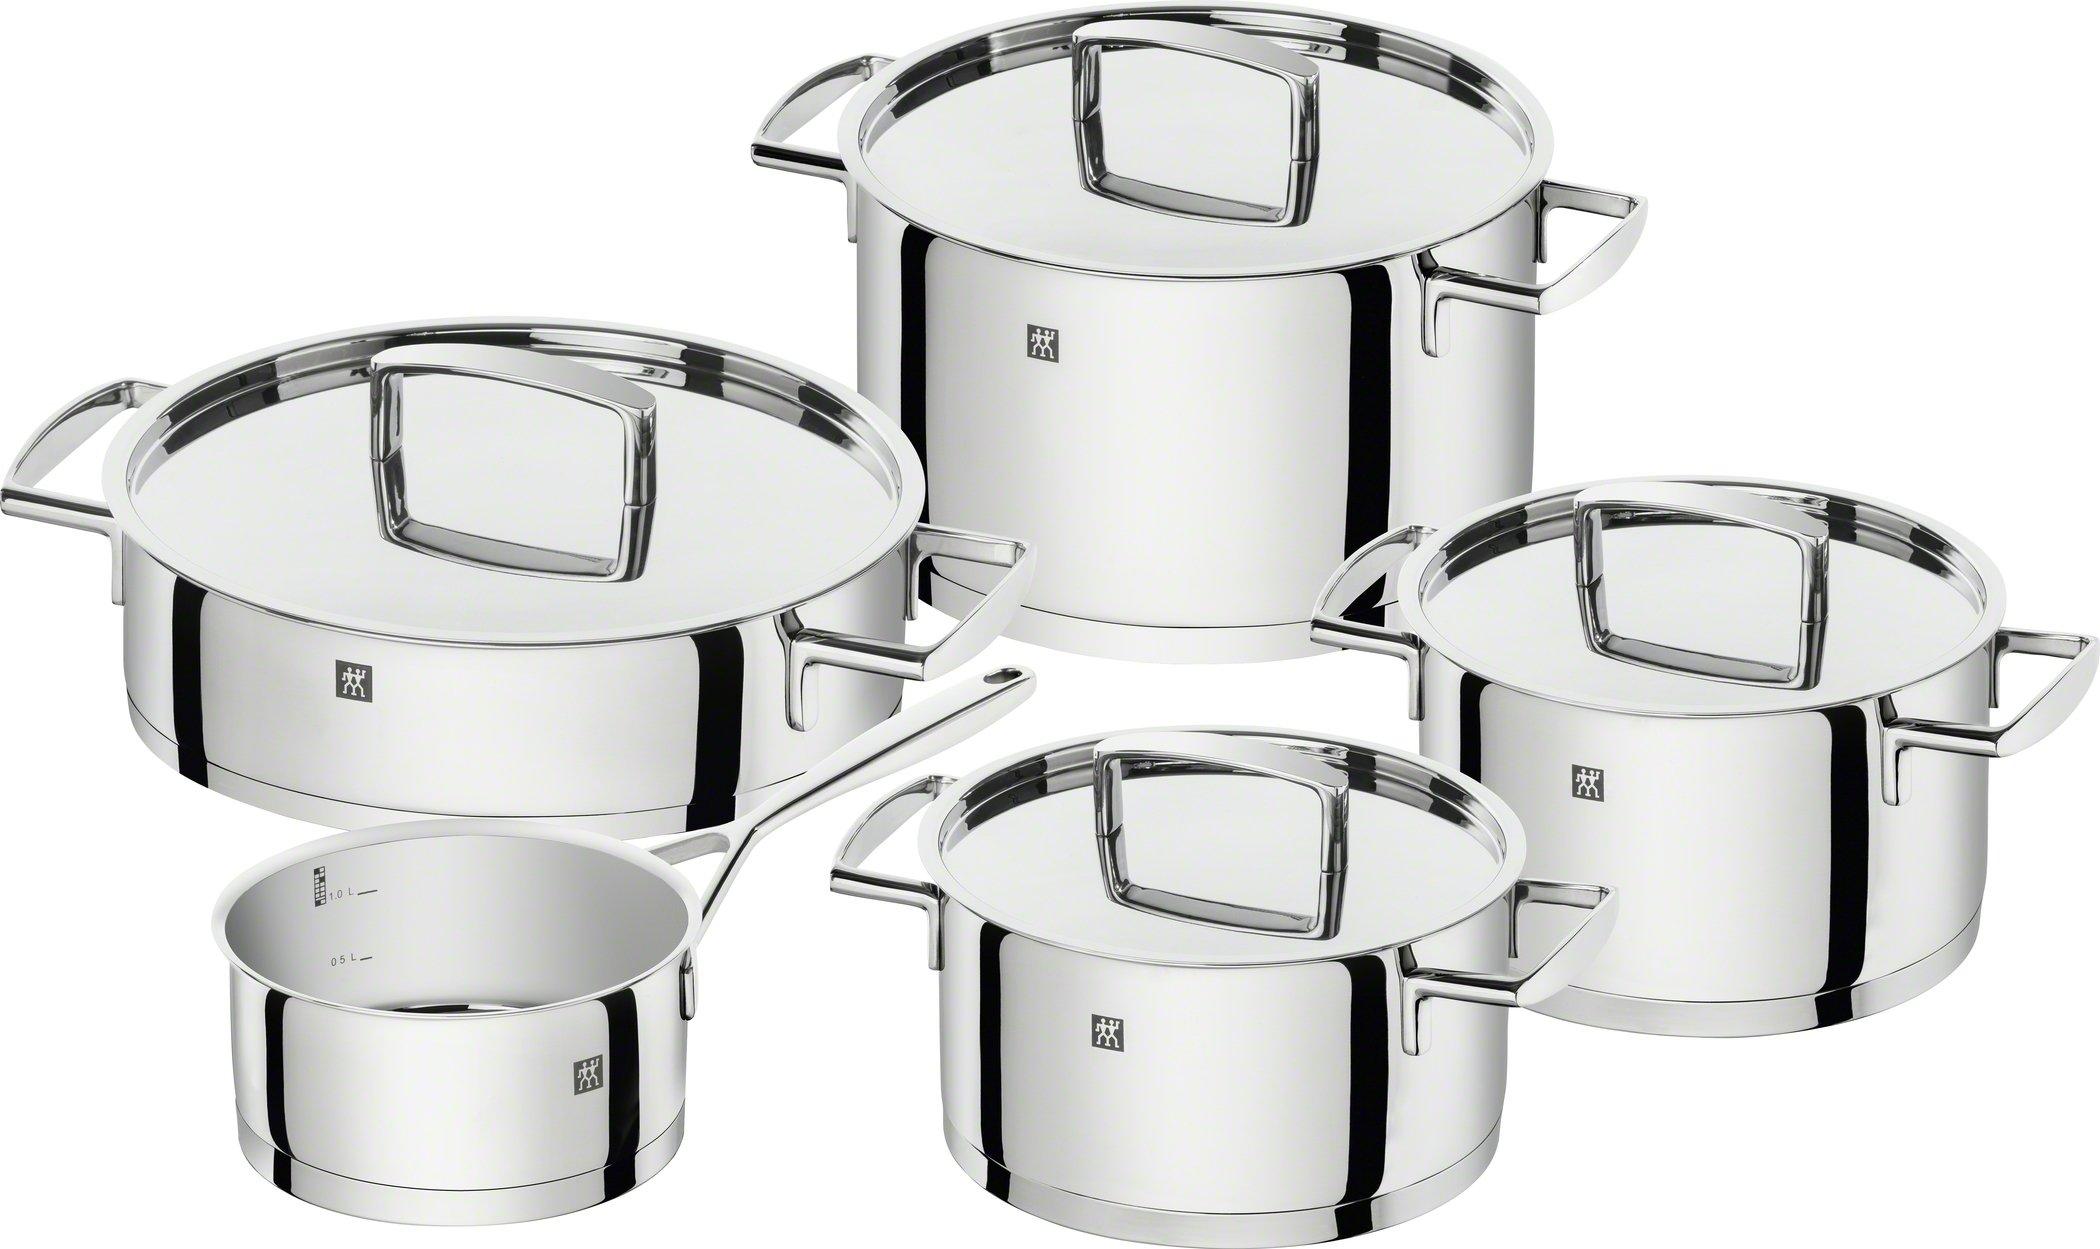 Zwilling Batería de Cocina, Acero Inoxidable, Gris Brillante product image